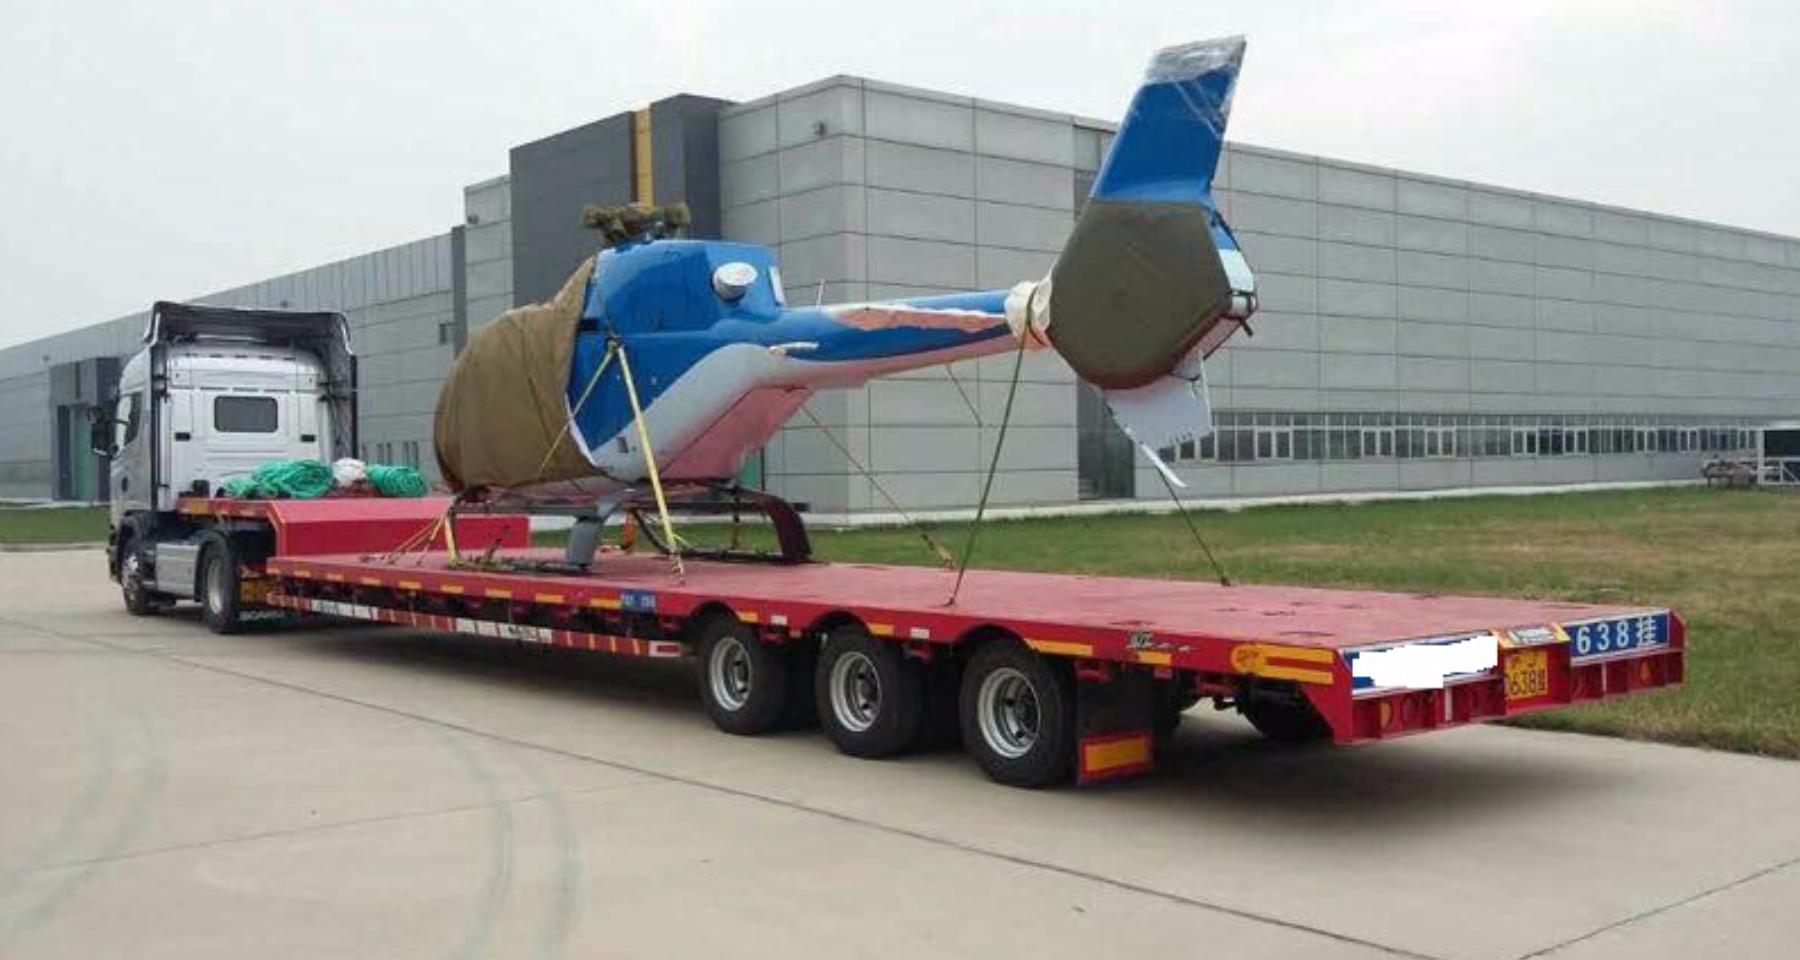 江苏气垫车运输报价 欢迎咨询「上海立森物流供应」